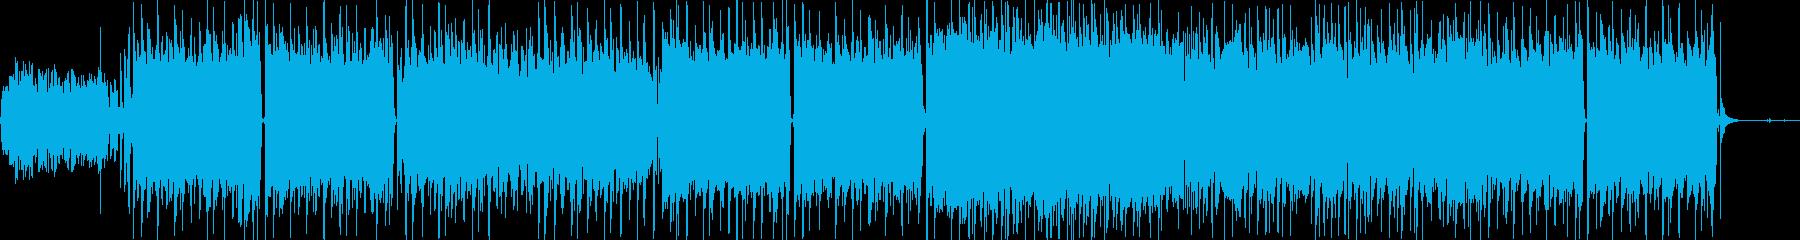 ノリのいいハードなギターサウンドの再生済みの波形